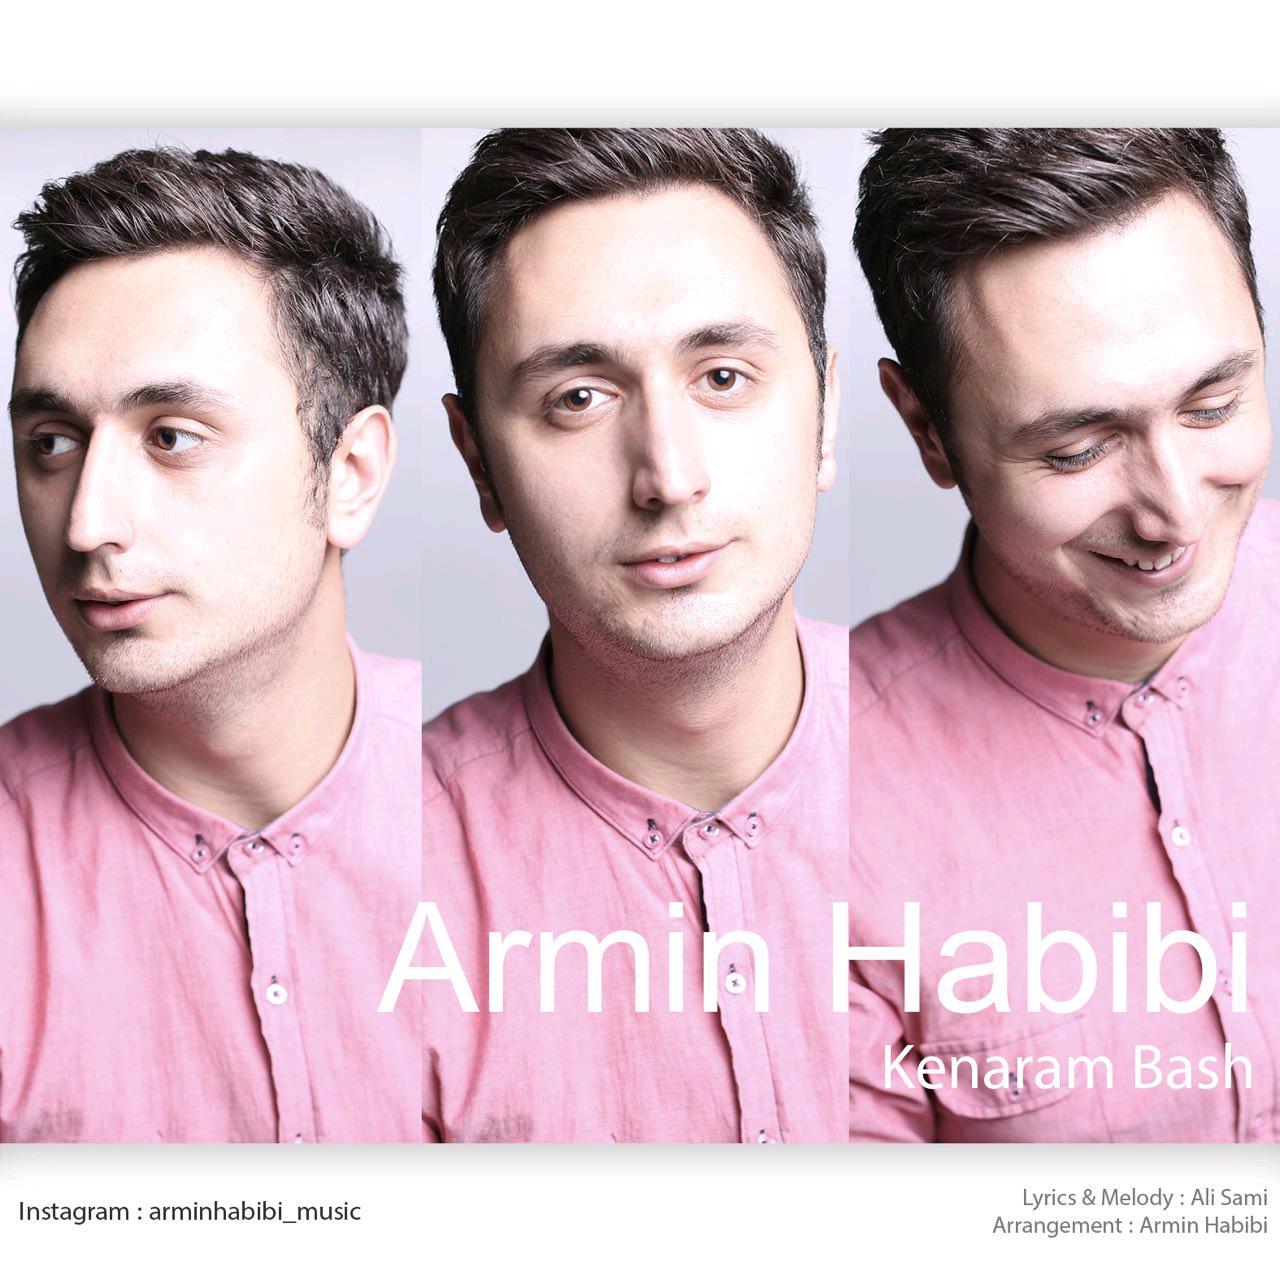 Armin Habibi – Kenaram Bash